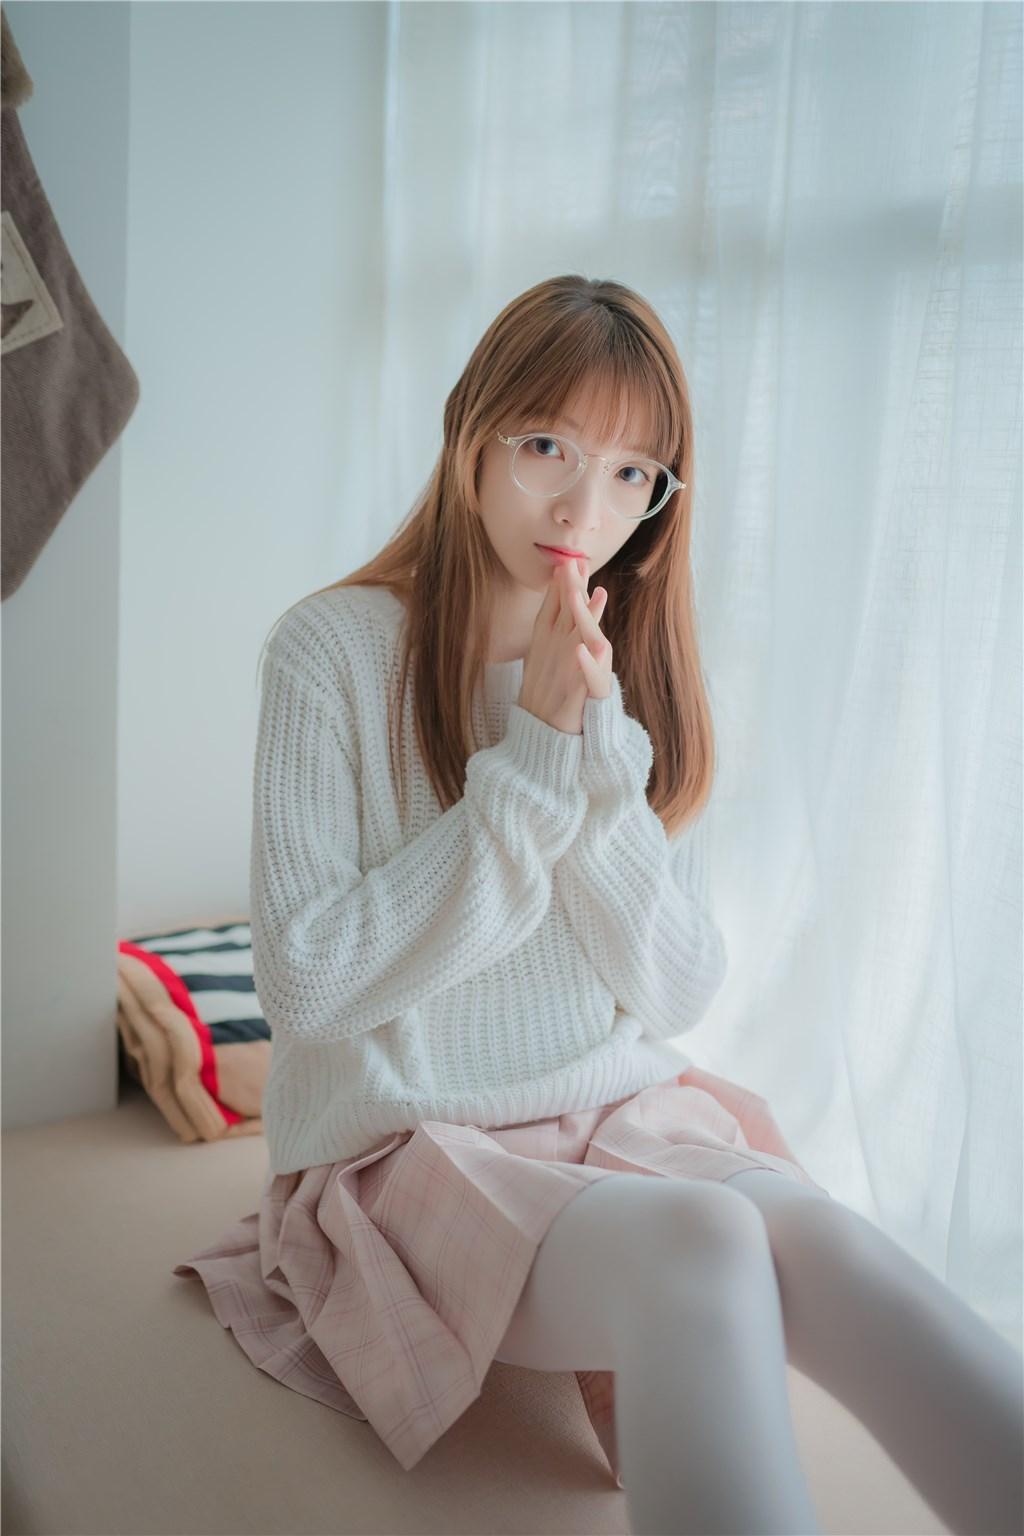 【兔玩映画】粉格裙的眼镜娘 兔玩映画 第27张